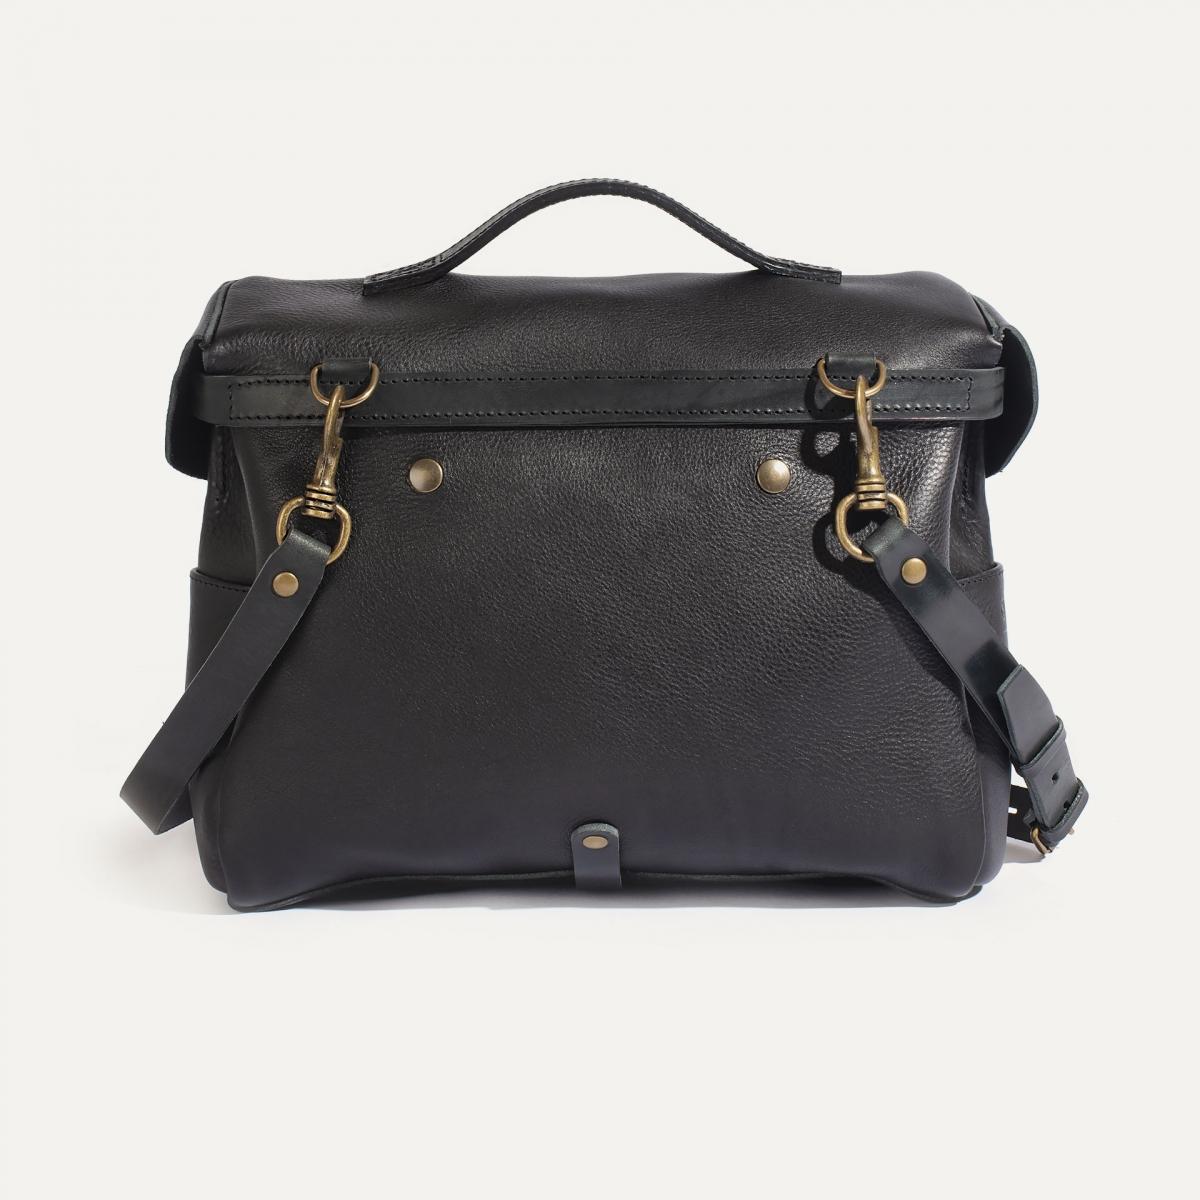 Eclair 'R18' Mailman bag - Black (image n°3)